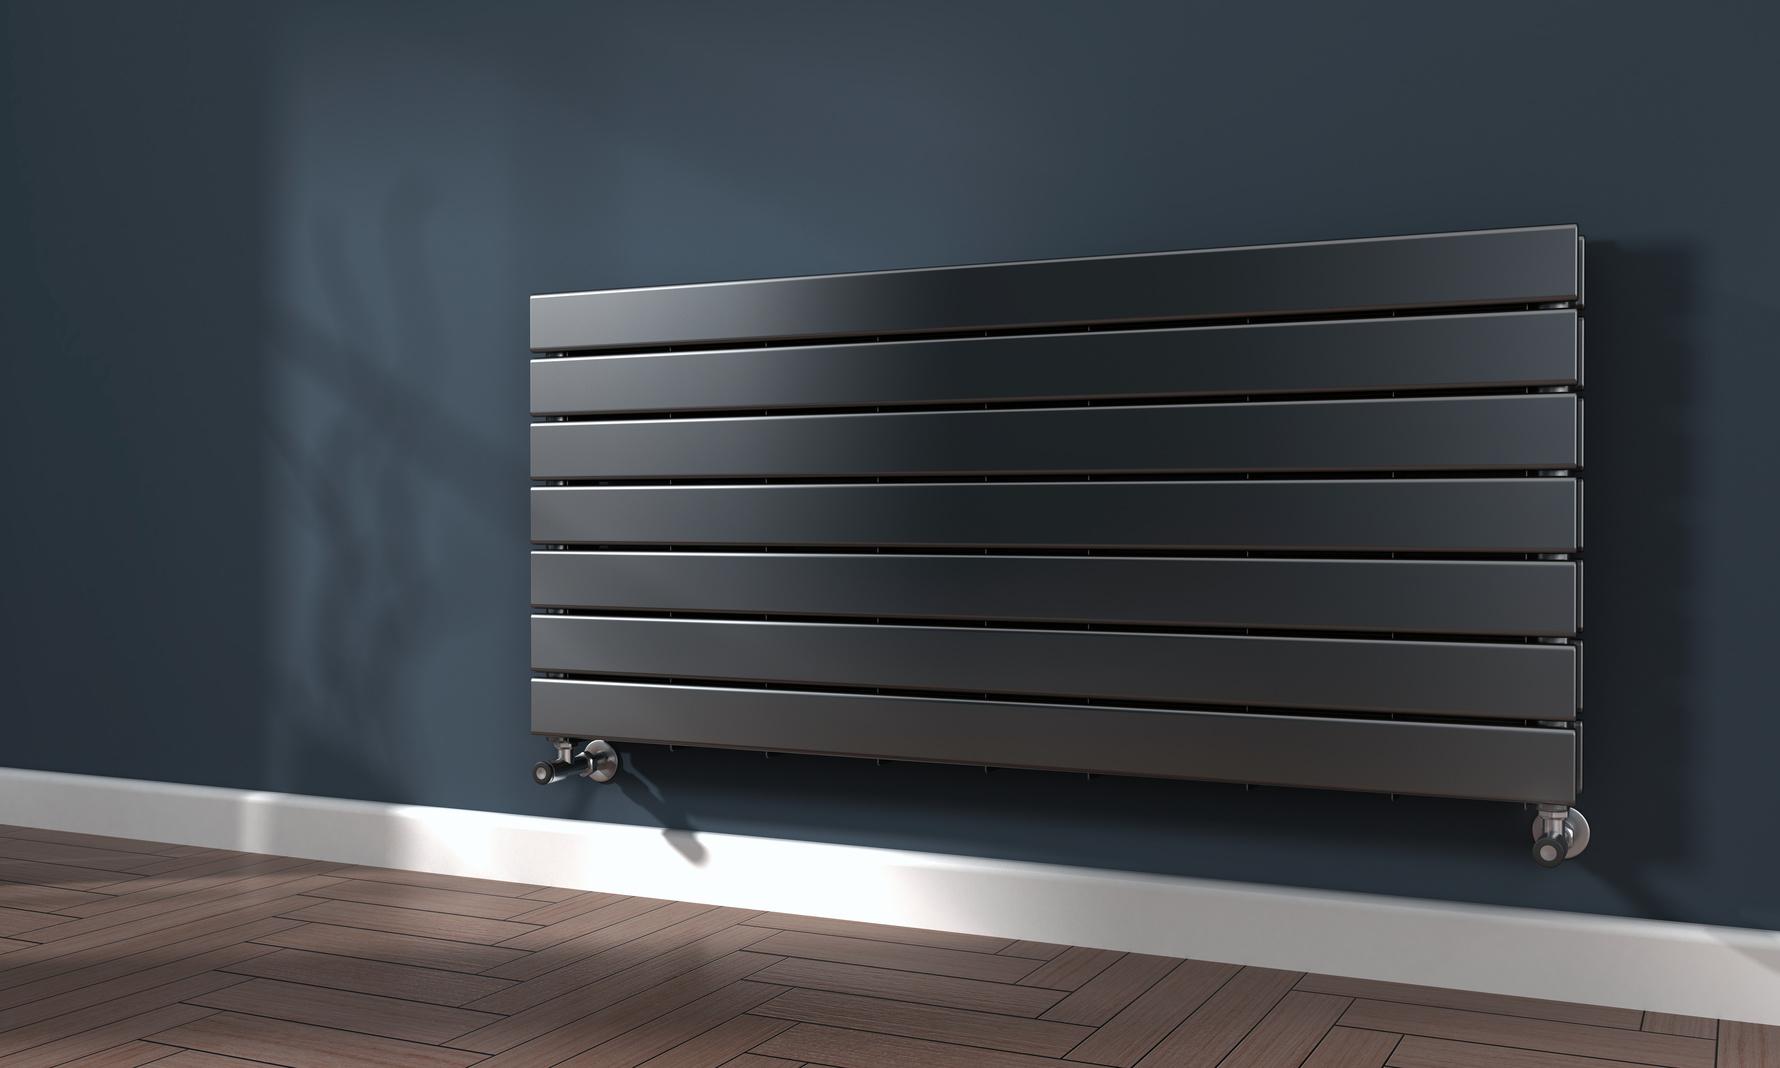 Radiateur Inertie Sur Roulettes pour bien choisir votre radiateur à inertie | bienchezmoi